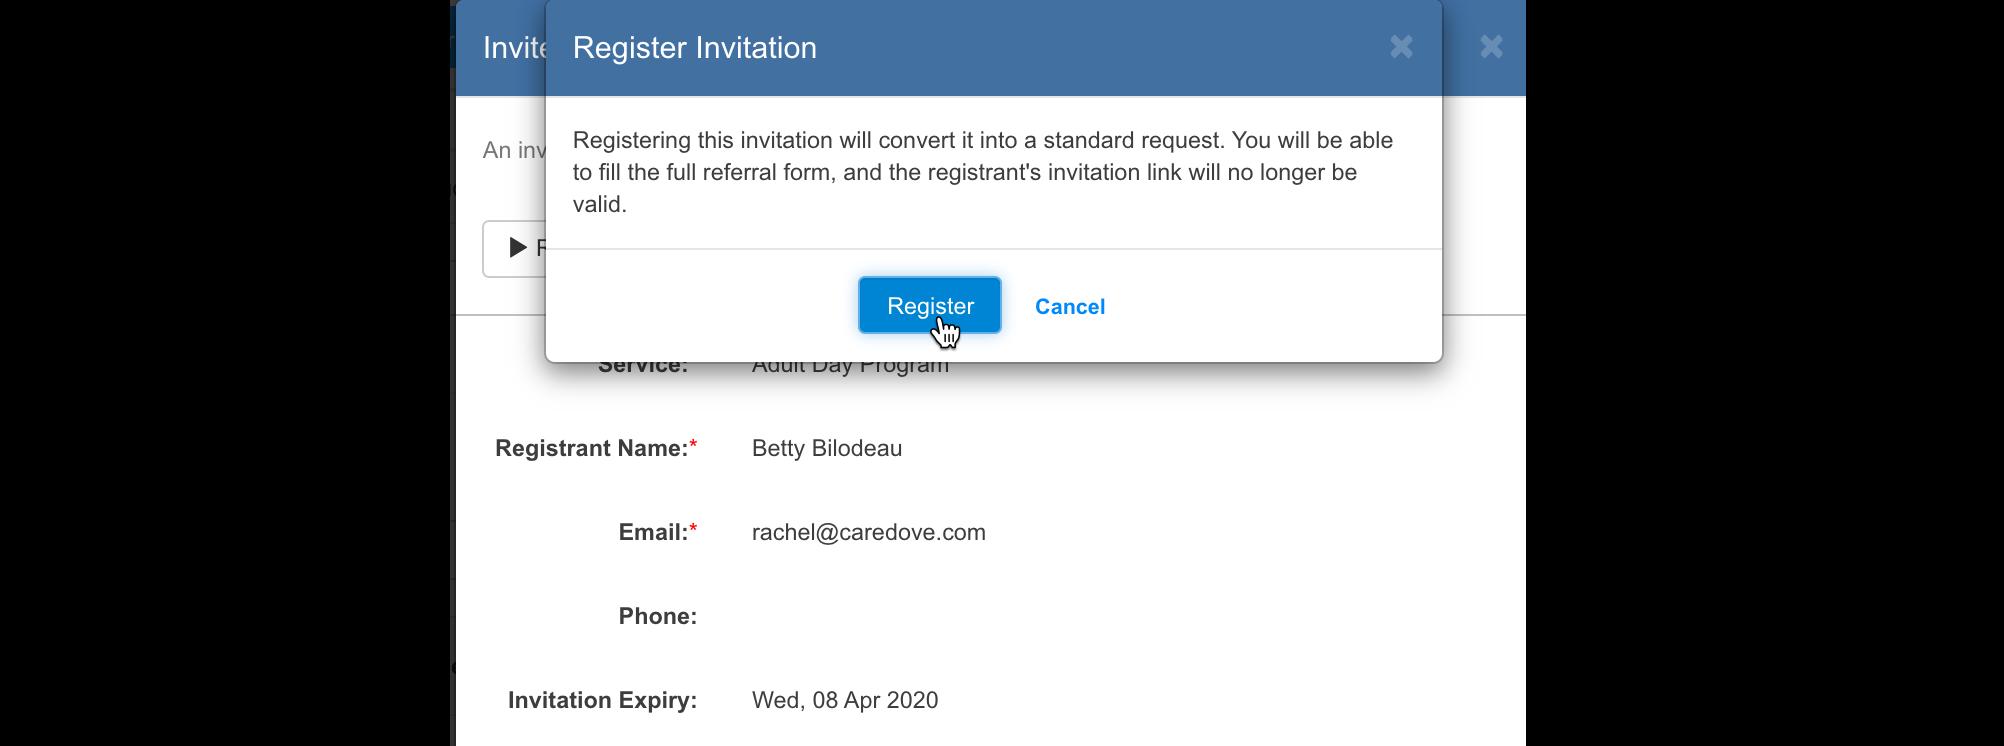 Register invitation function